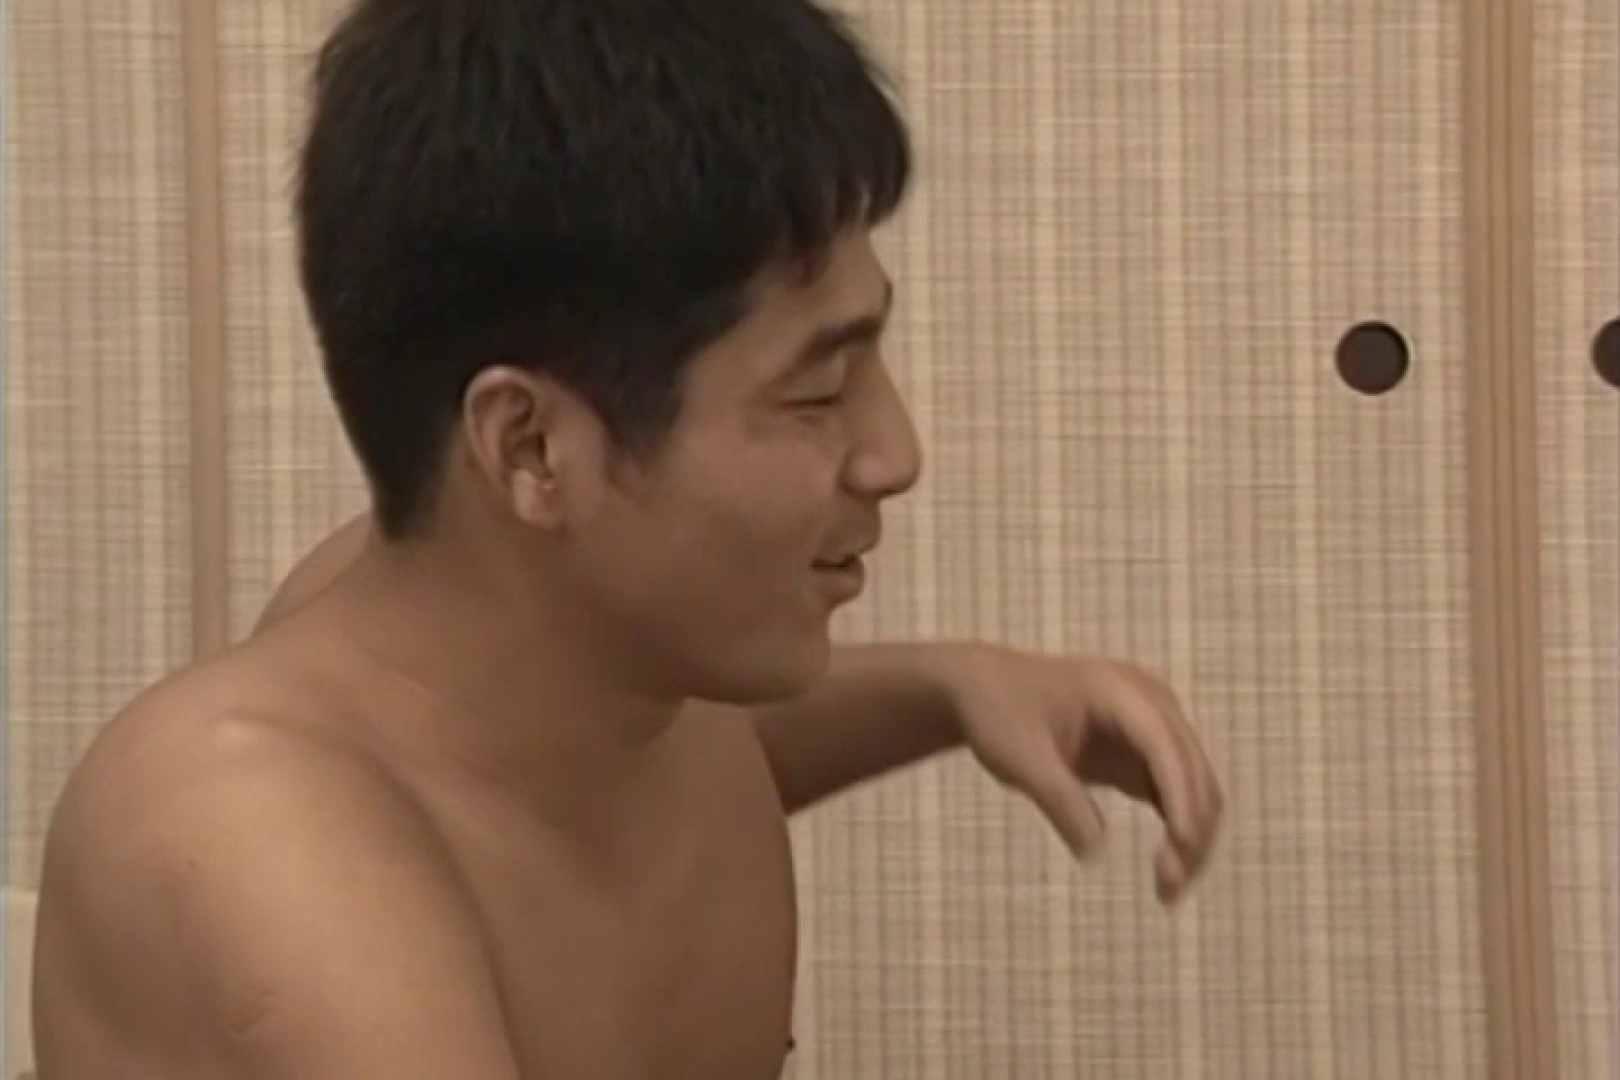 スポメン競パン部、真っ盛り!!Vol.02 イケメン  79pic 33